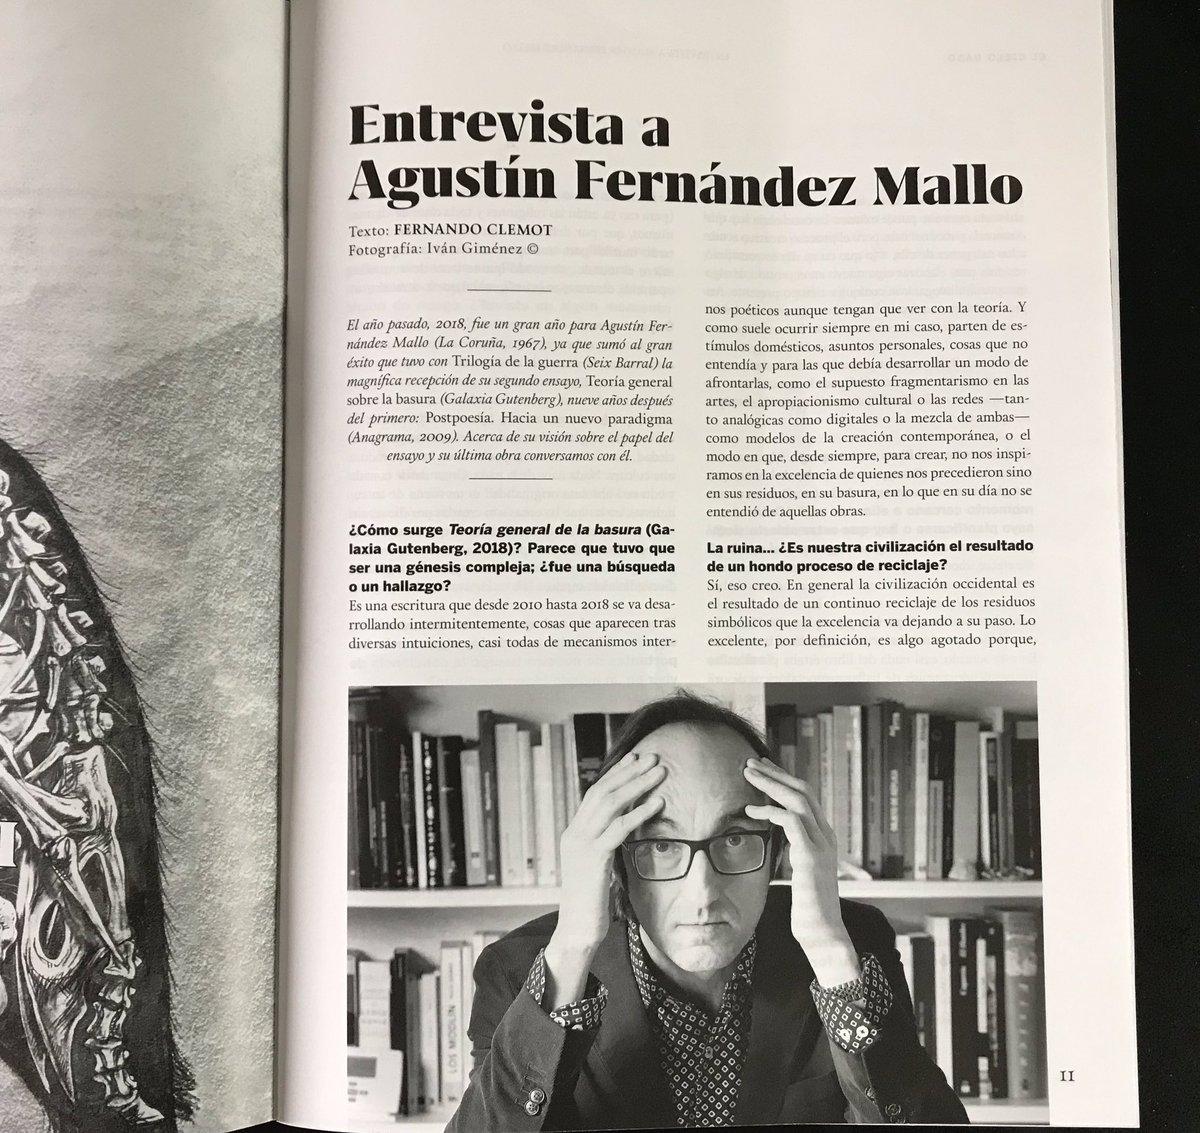 En #RevistaQuimera, @QuimeraRevista este mes. Extensa entrevista en el número especial de ensayo contemporáneo, por @FernandoClemot #TeoríaGeneralDeLaBasura #TrilogíaDeLaGuerra #FotosEnLasQuePareceQueEstásPensandoPeroNo